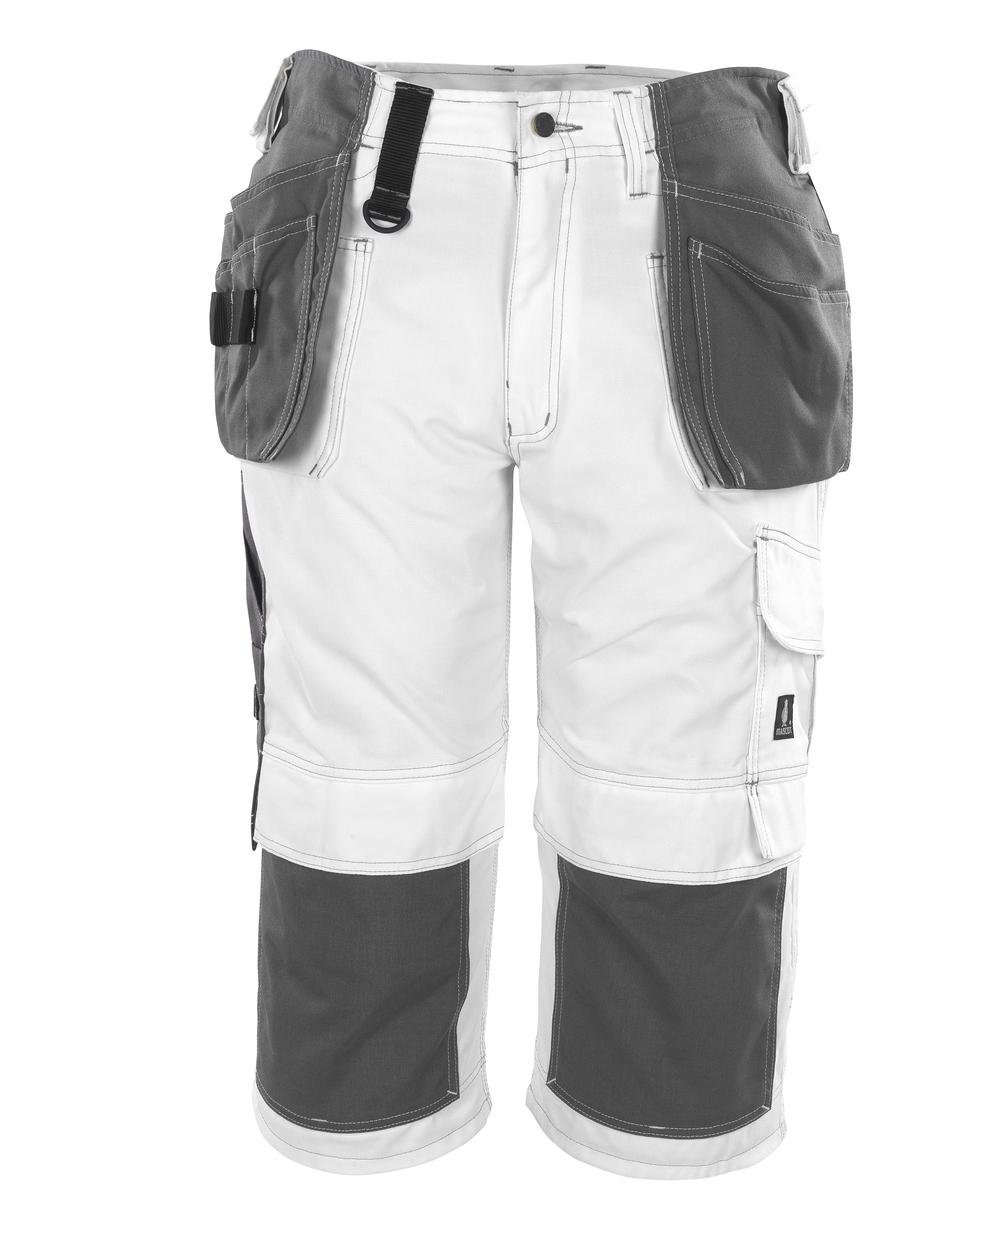 08349-154-06 Pantacourt avec poches genouillères et poches flottantes - Blanc